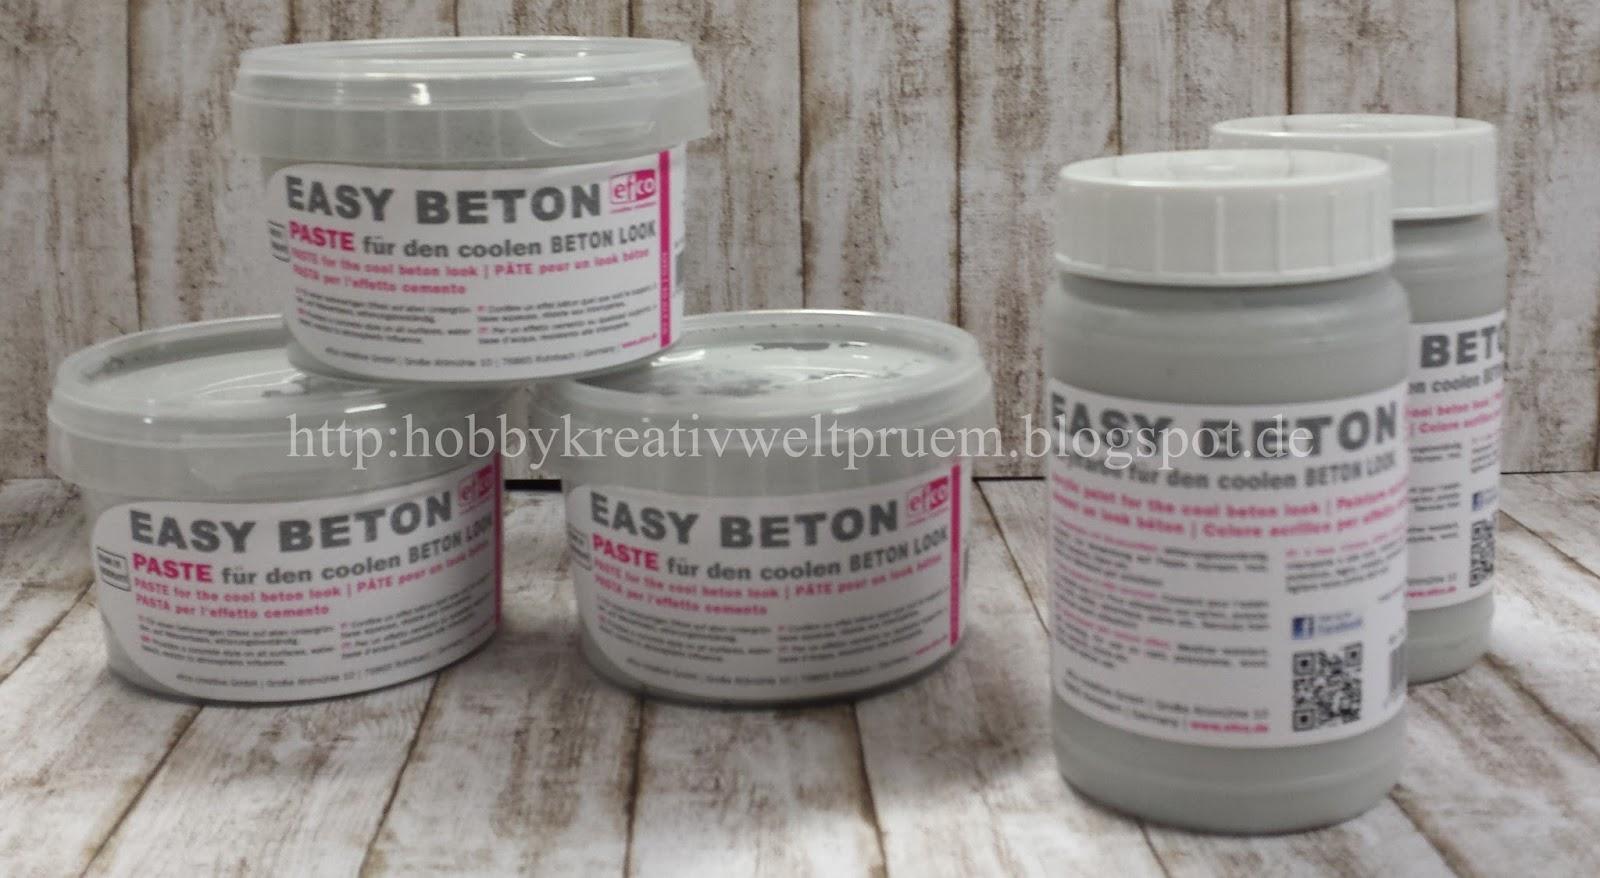 Hobby Kreativ Welt: Easy Beton Farbe und Paste